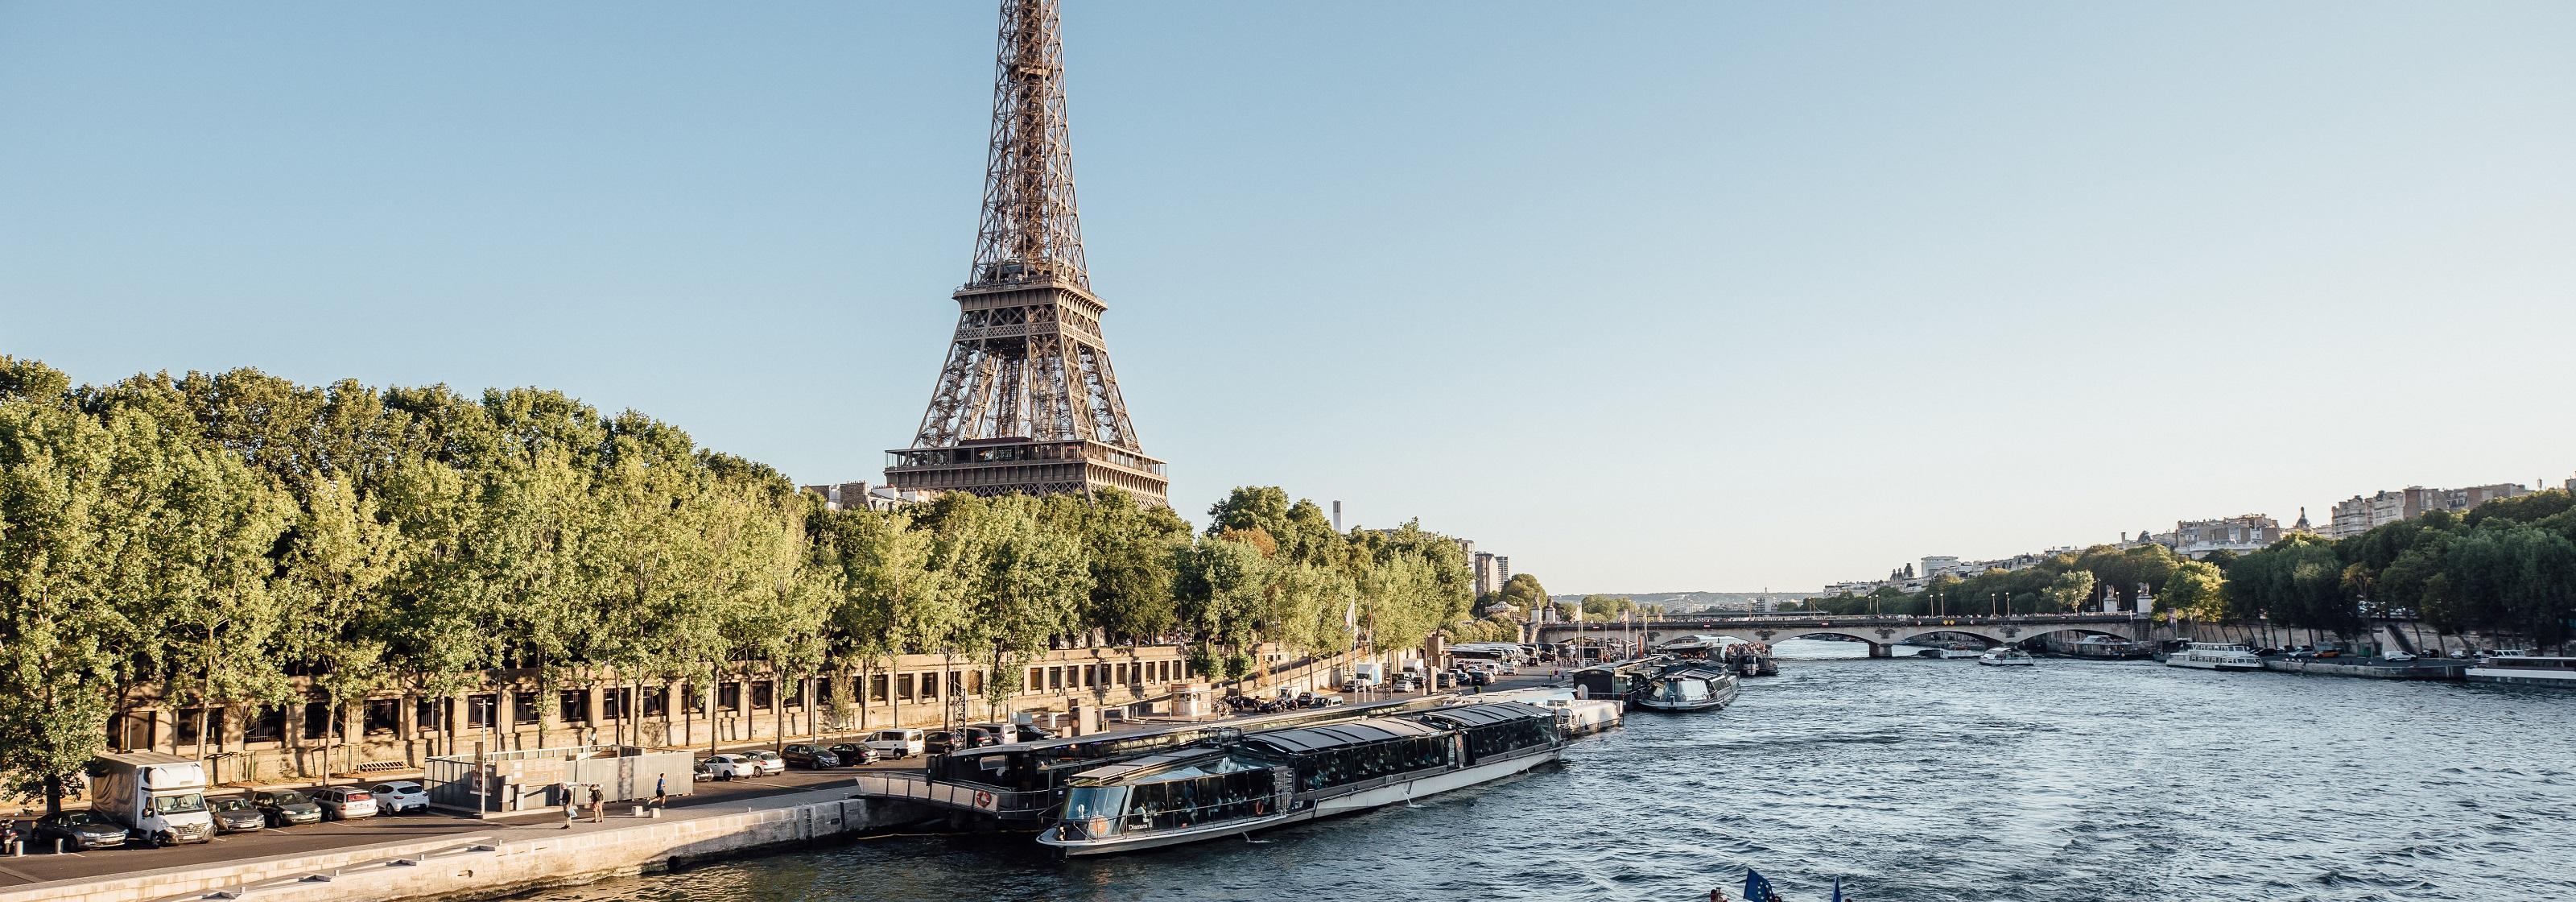 Aktivitäten in Frankreich